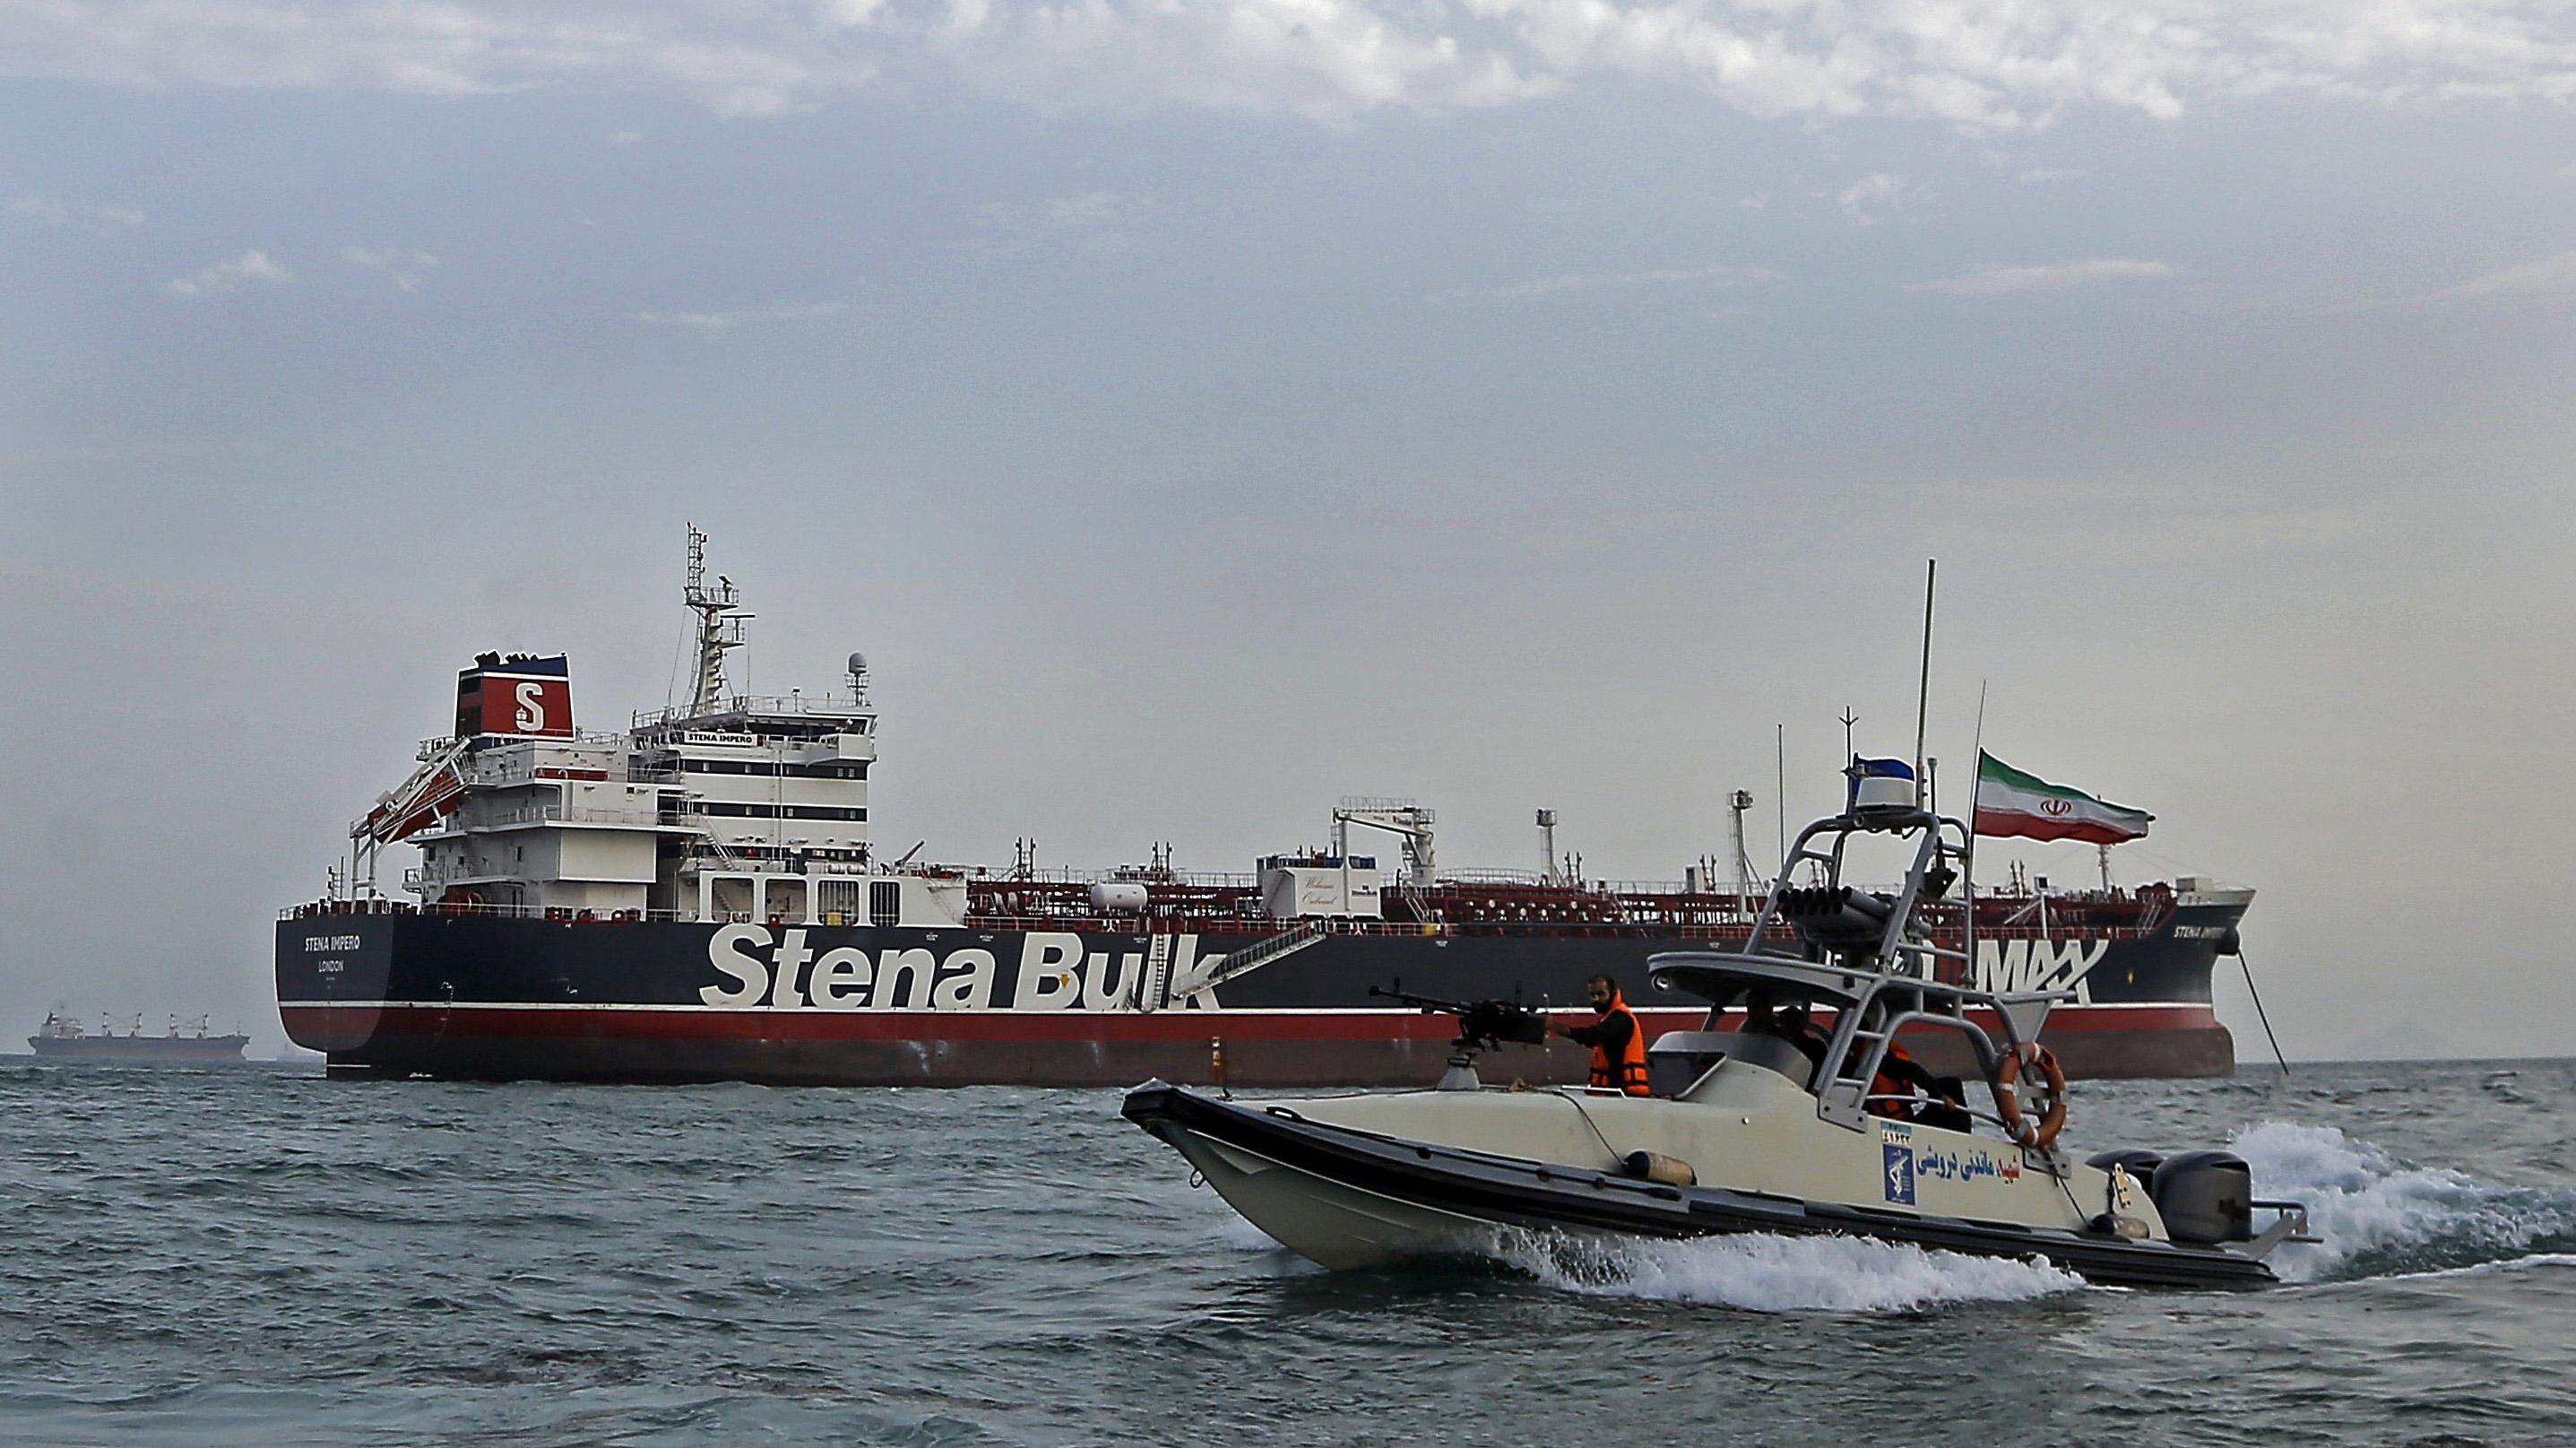 Conflicto entre Irán y el Reino Unido en el estrecho de Ormuz: ¿En qué podría afectar a Chile?